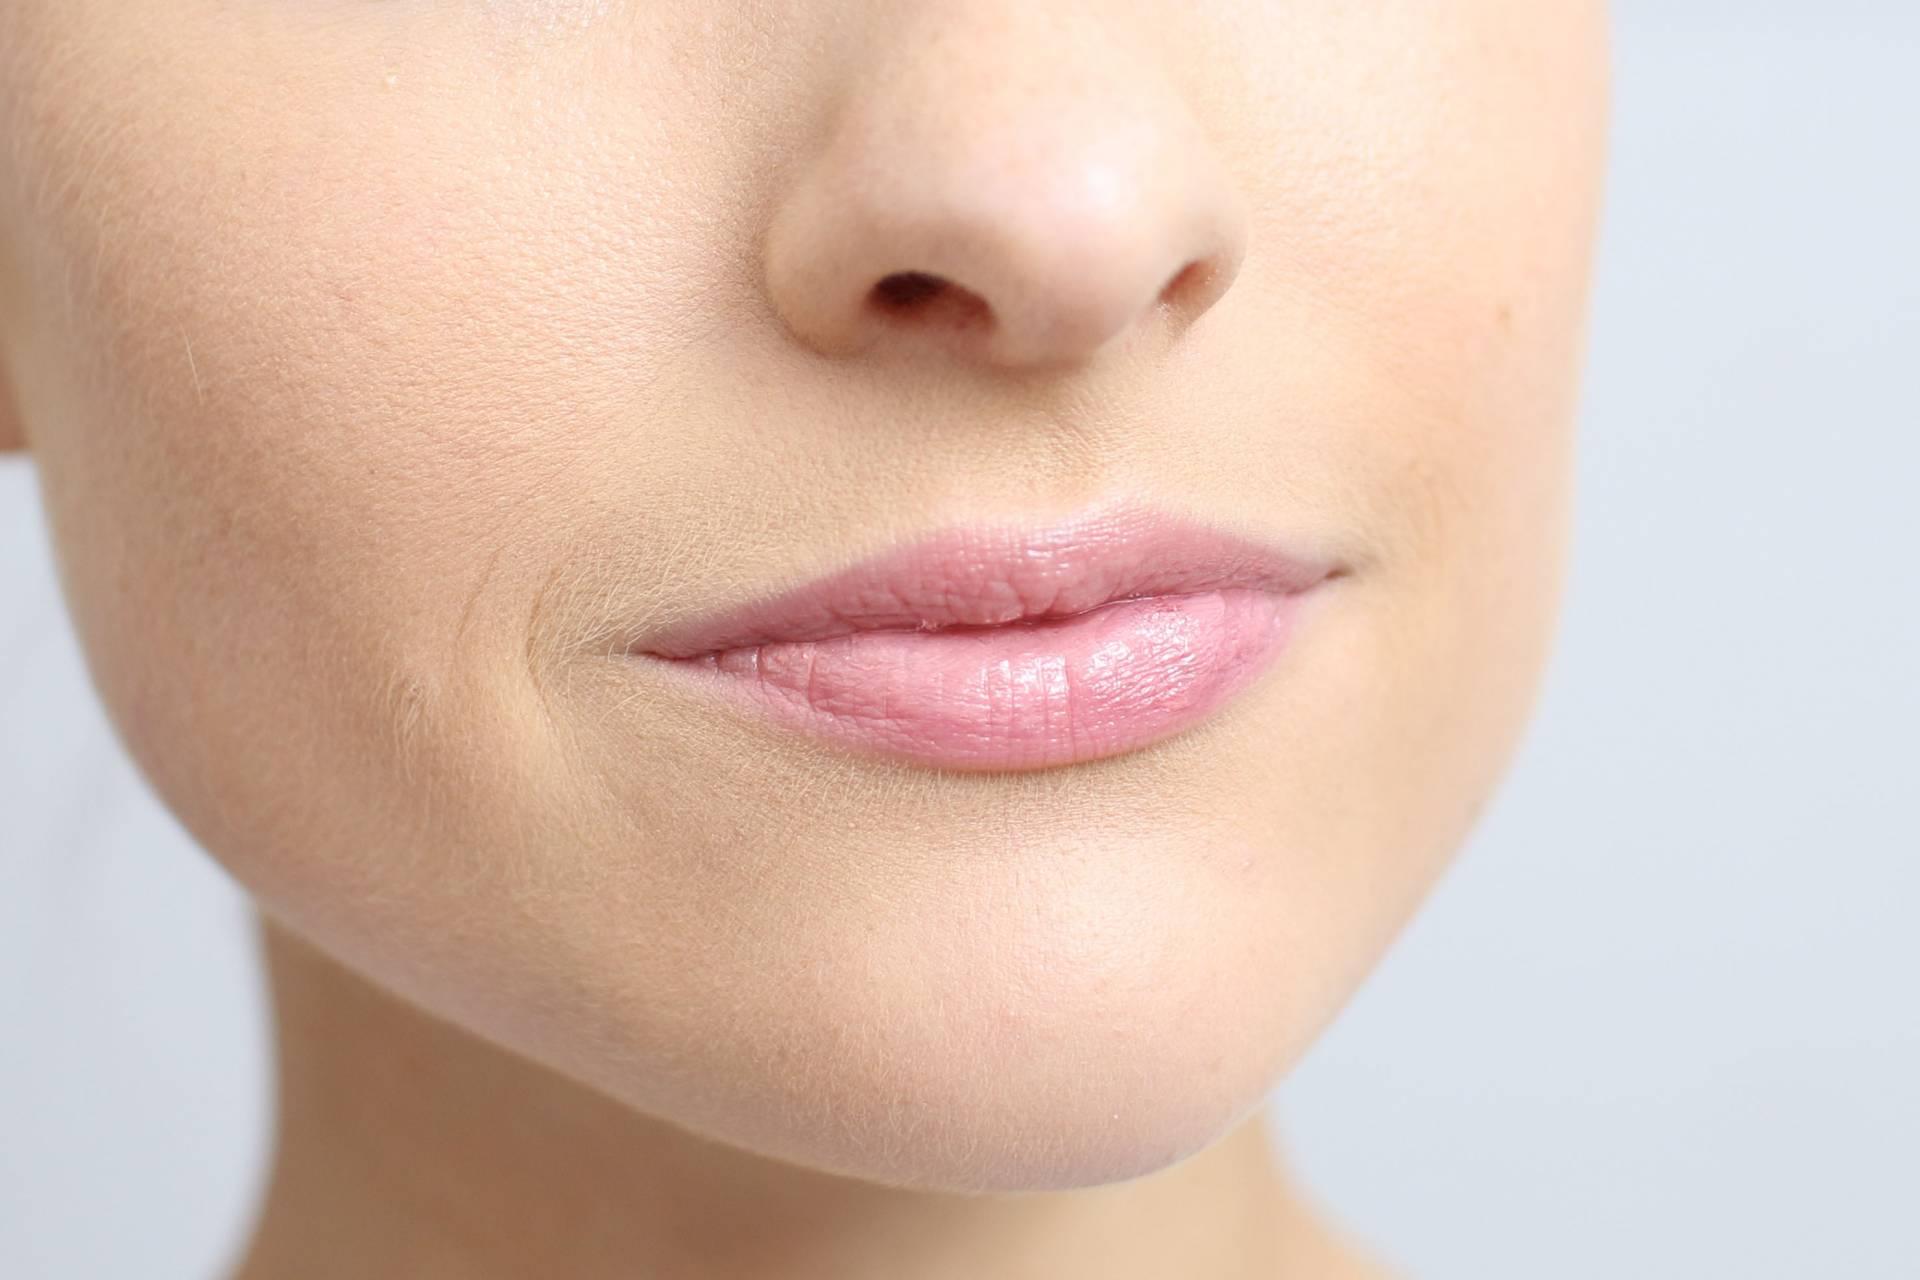 dior wonderful lipstick